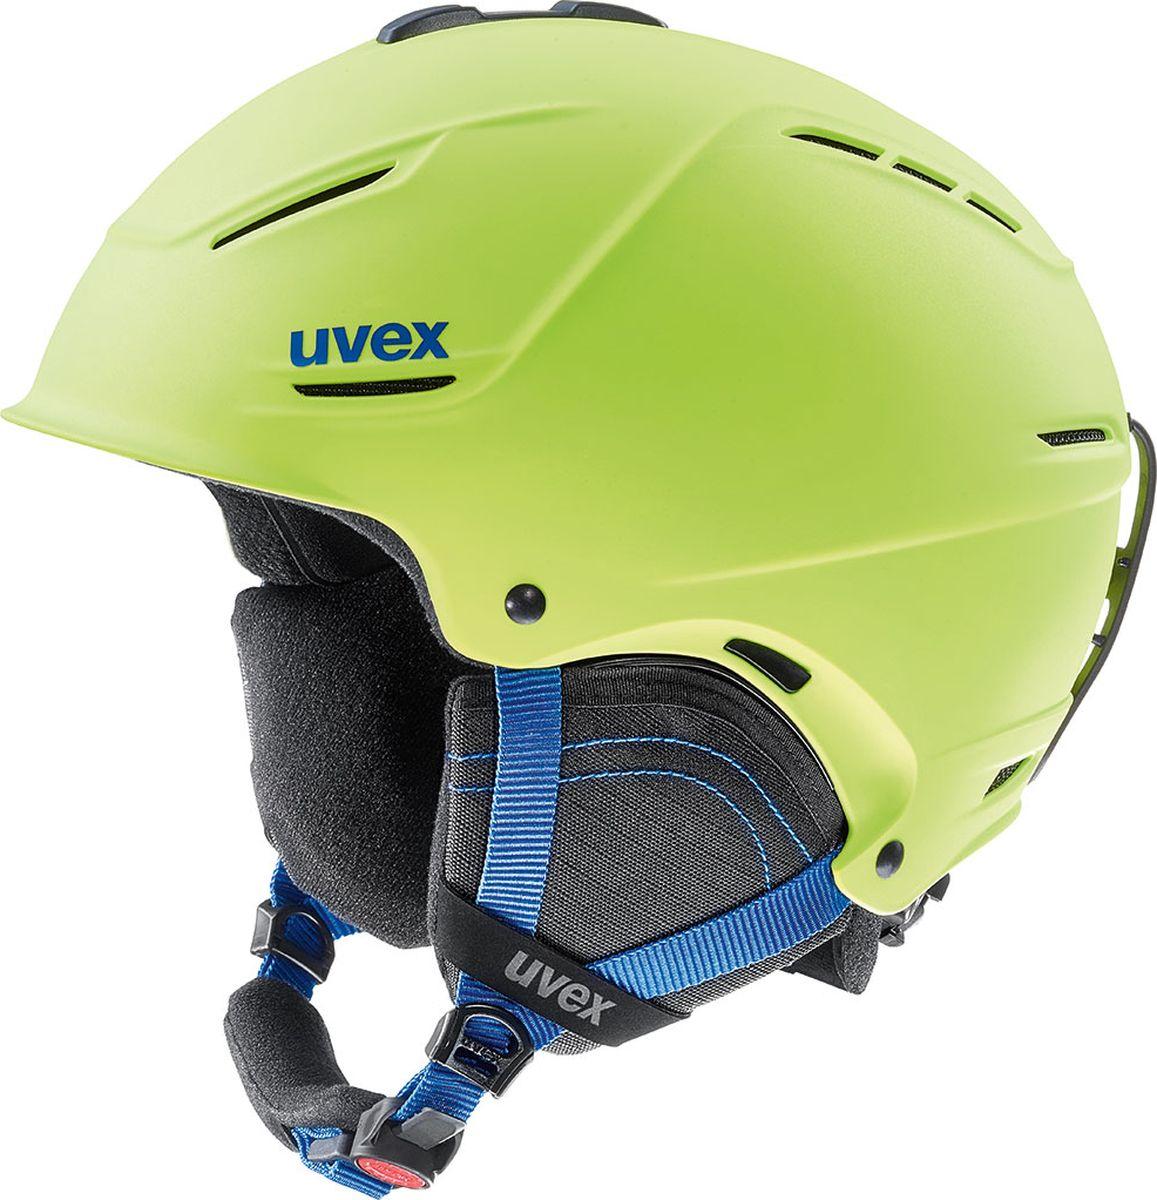 Шлем горнолыжный Uvex P1us 2.0 Helmet, цвет: лайм матовый. Размер 59/626211Удобный шлем от Uvex с конструкцией +technology обеспечит безопасность на склоне. В модели предусмотрена съемная защита ушей с технологией Natural Sound, которая не искажает звуки. Гипоаллергенная подкладка и регулируемая вентиляция гарантируют комфорт во время катания. Фиксатор стрэпа маски и застежка monomatiс, которую легко отрегулировать одной рукой, служат для удобства использования. Система IAS для индивидуальной подгонки по размеру. Сделано в Германии.